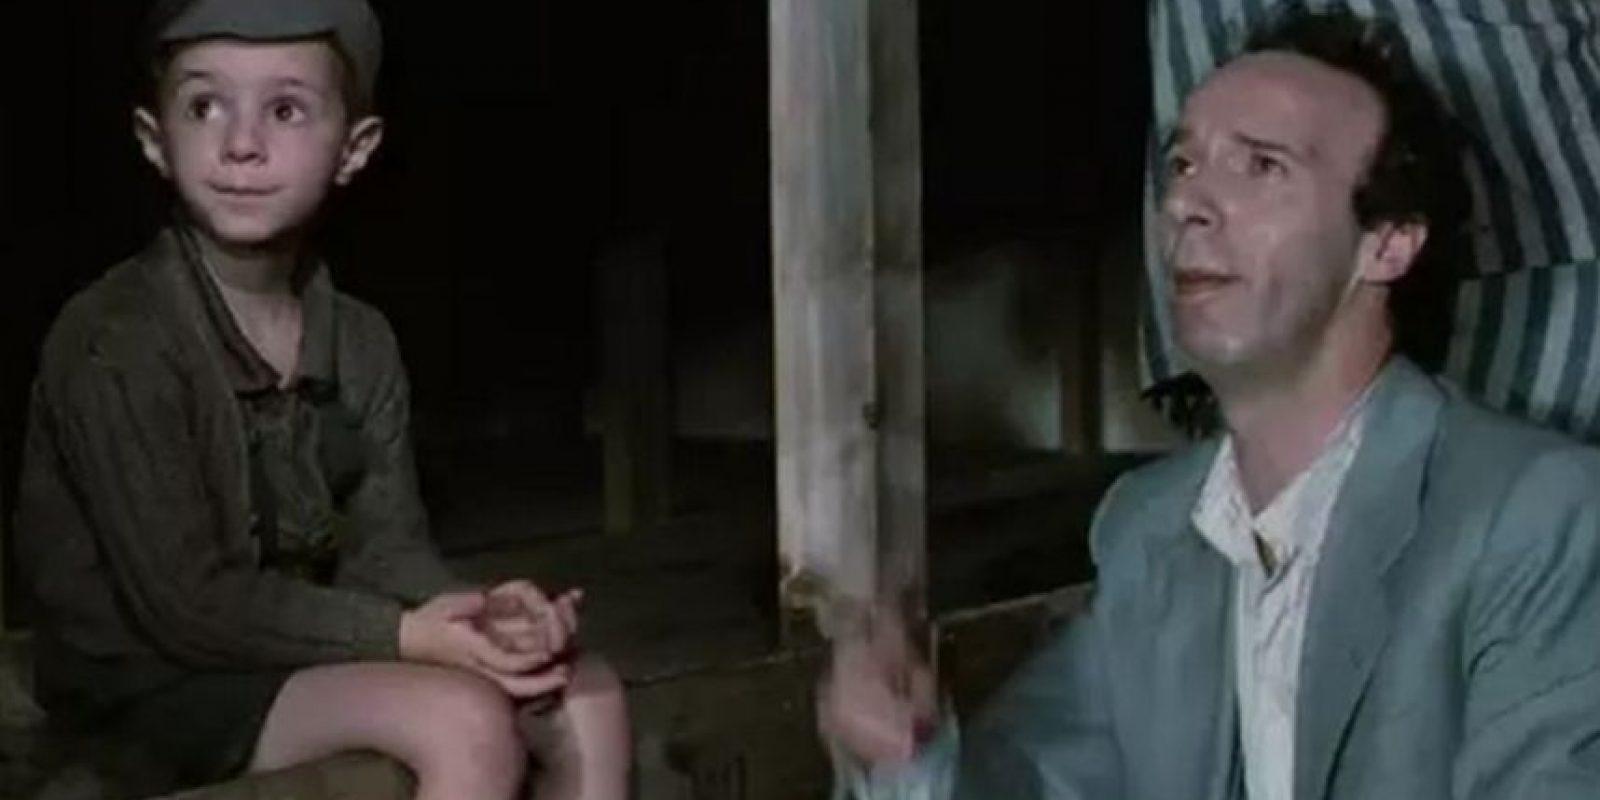 """4- """"La vida es Bella"""". La historia está parcialmente basada en la experiencia real del padre de Benigni, que logró sobrevivir a tres años de internamiento en Bergen-Belsen. ganó tres Óscar: mejor banda sonora, mejor actor y mejor película extranjera en la ceremonia de 1998. Foto:Miramax"""